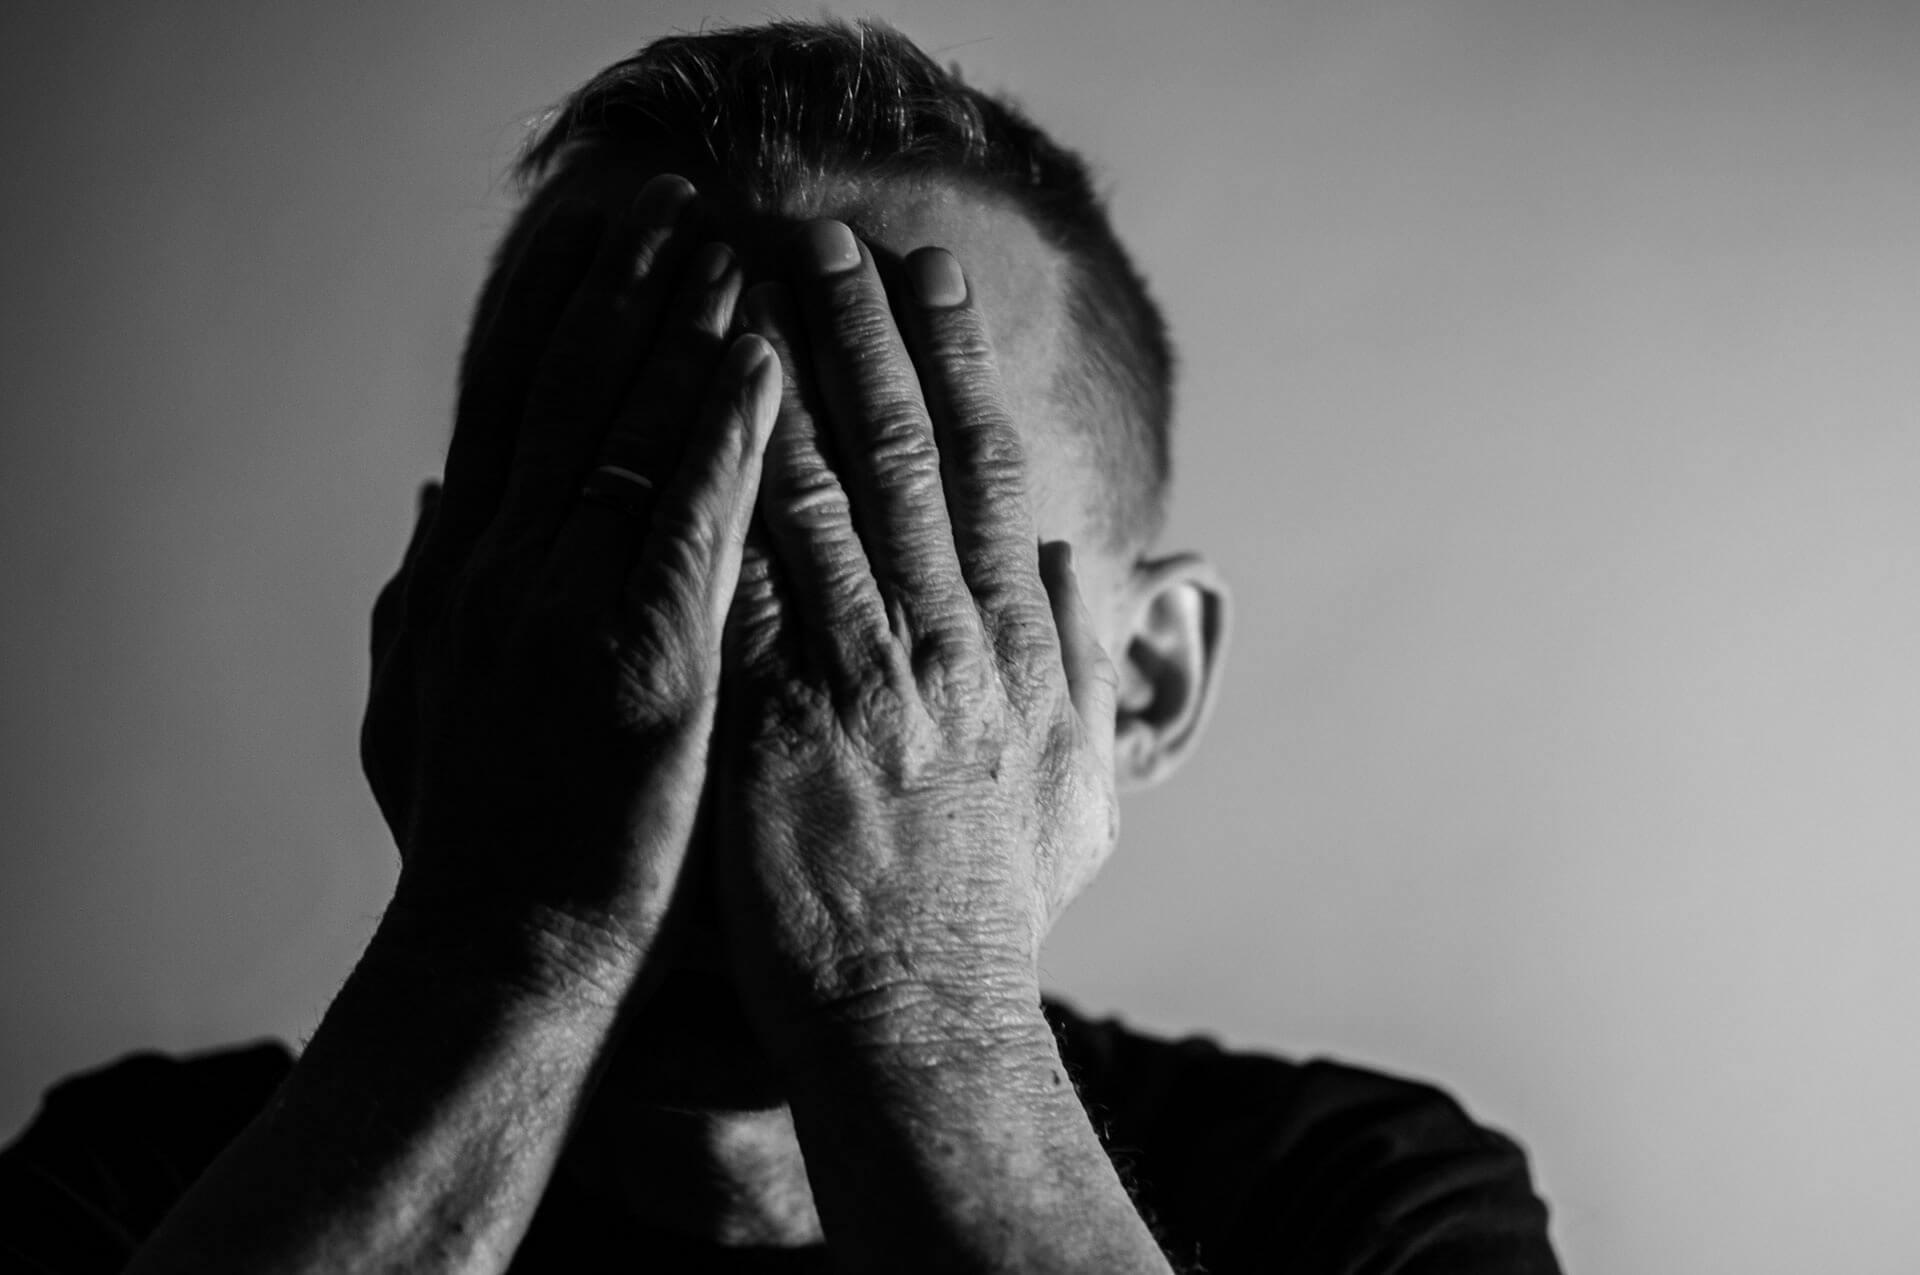 Η βαρηκοΐα σχετίζεται με την κατάθλιψη